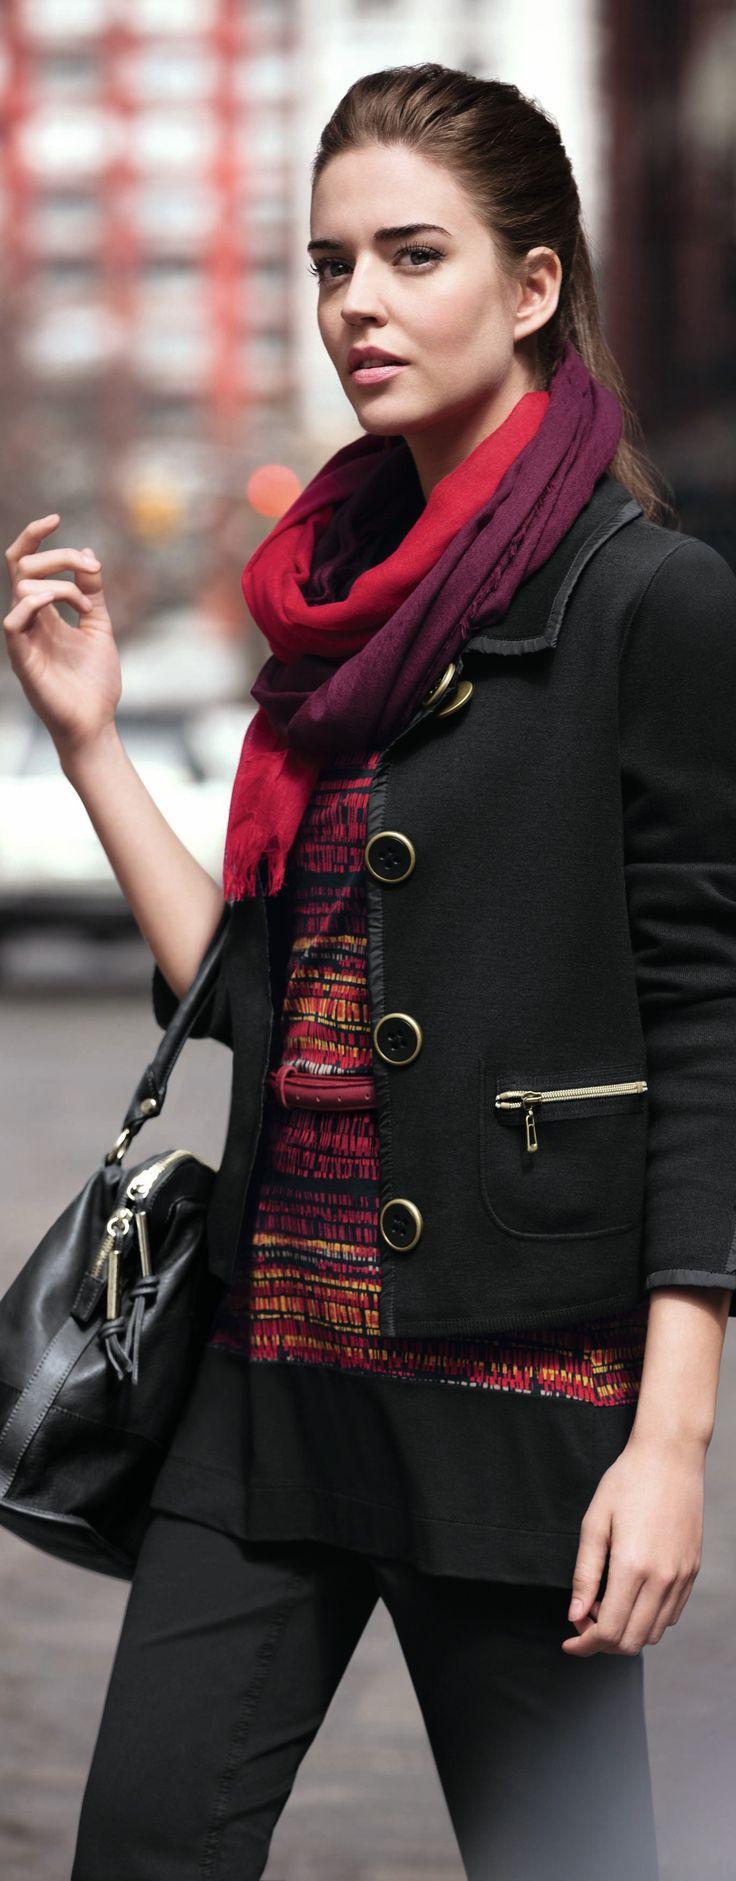 De 25 Populairste Idee N Over Street Styles For Women Over 40 50 Op Pinterest Kleding Zeeman